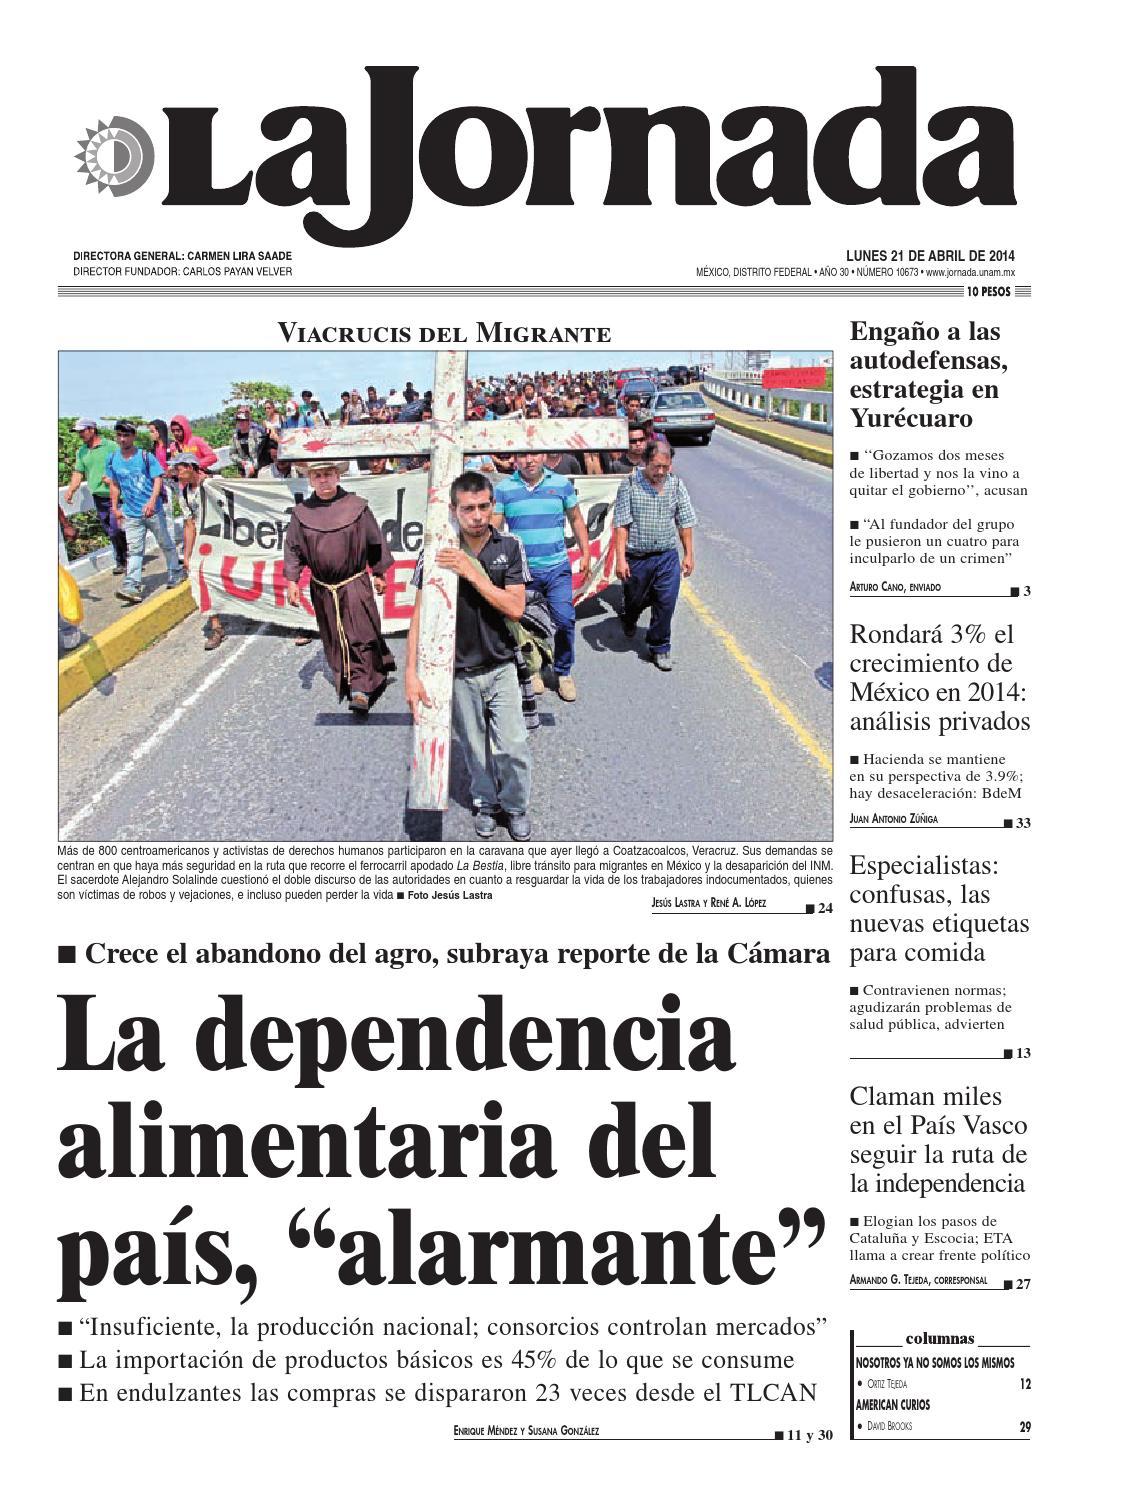 La Jornada 04 21 2014 By La Jornada Issuu